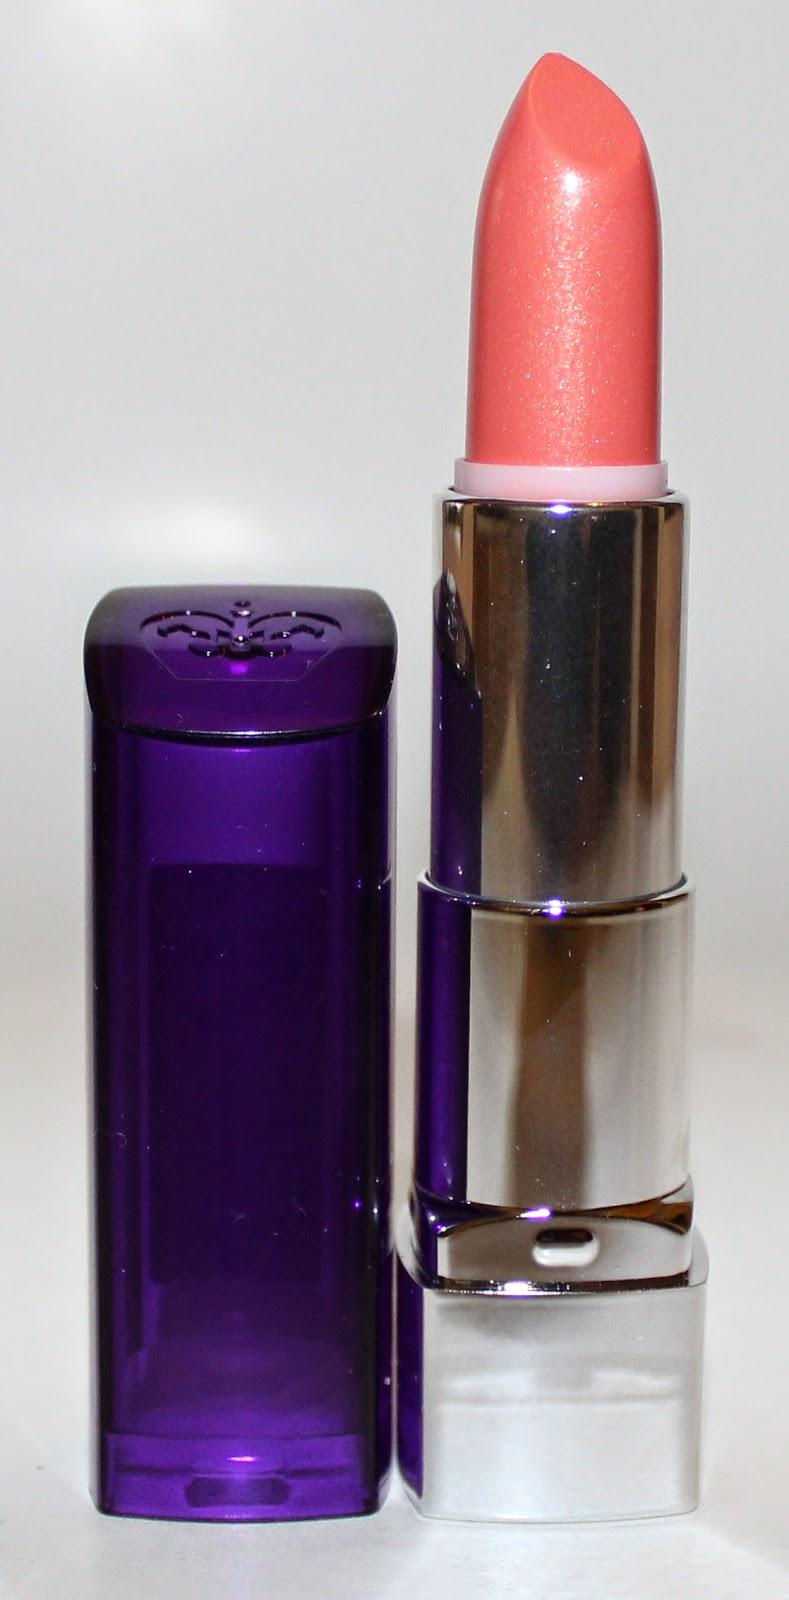 Rimmel Moisture Renew Lipstick in #630 Coral Britannia